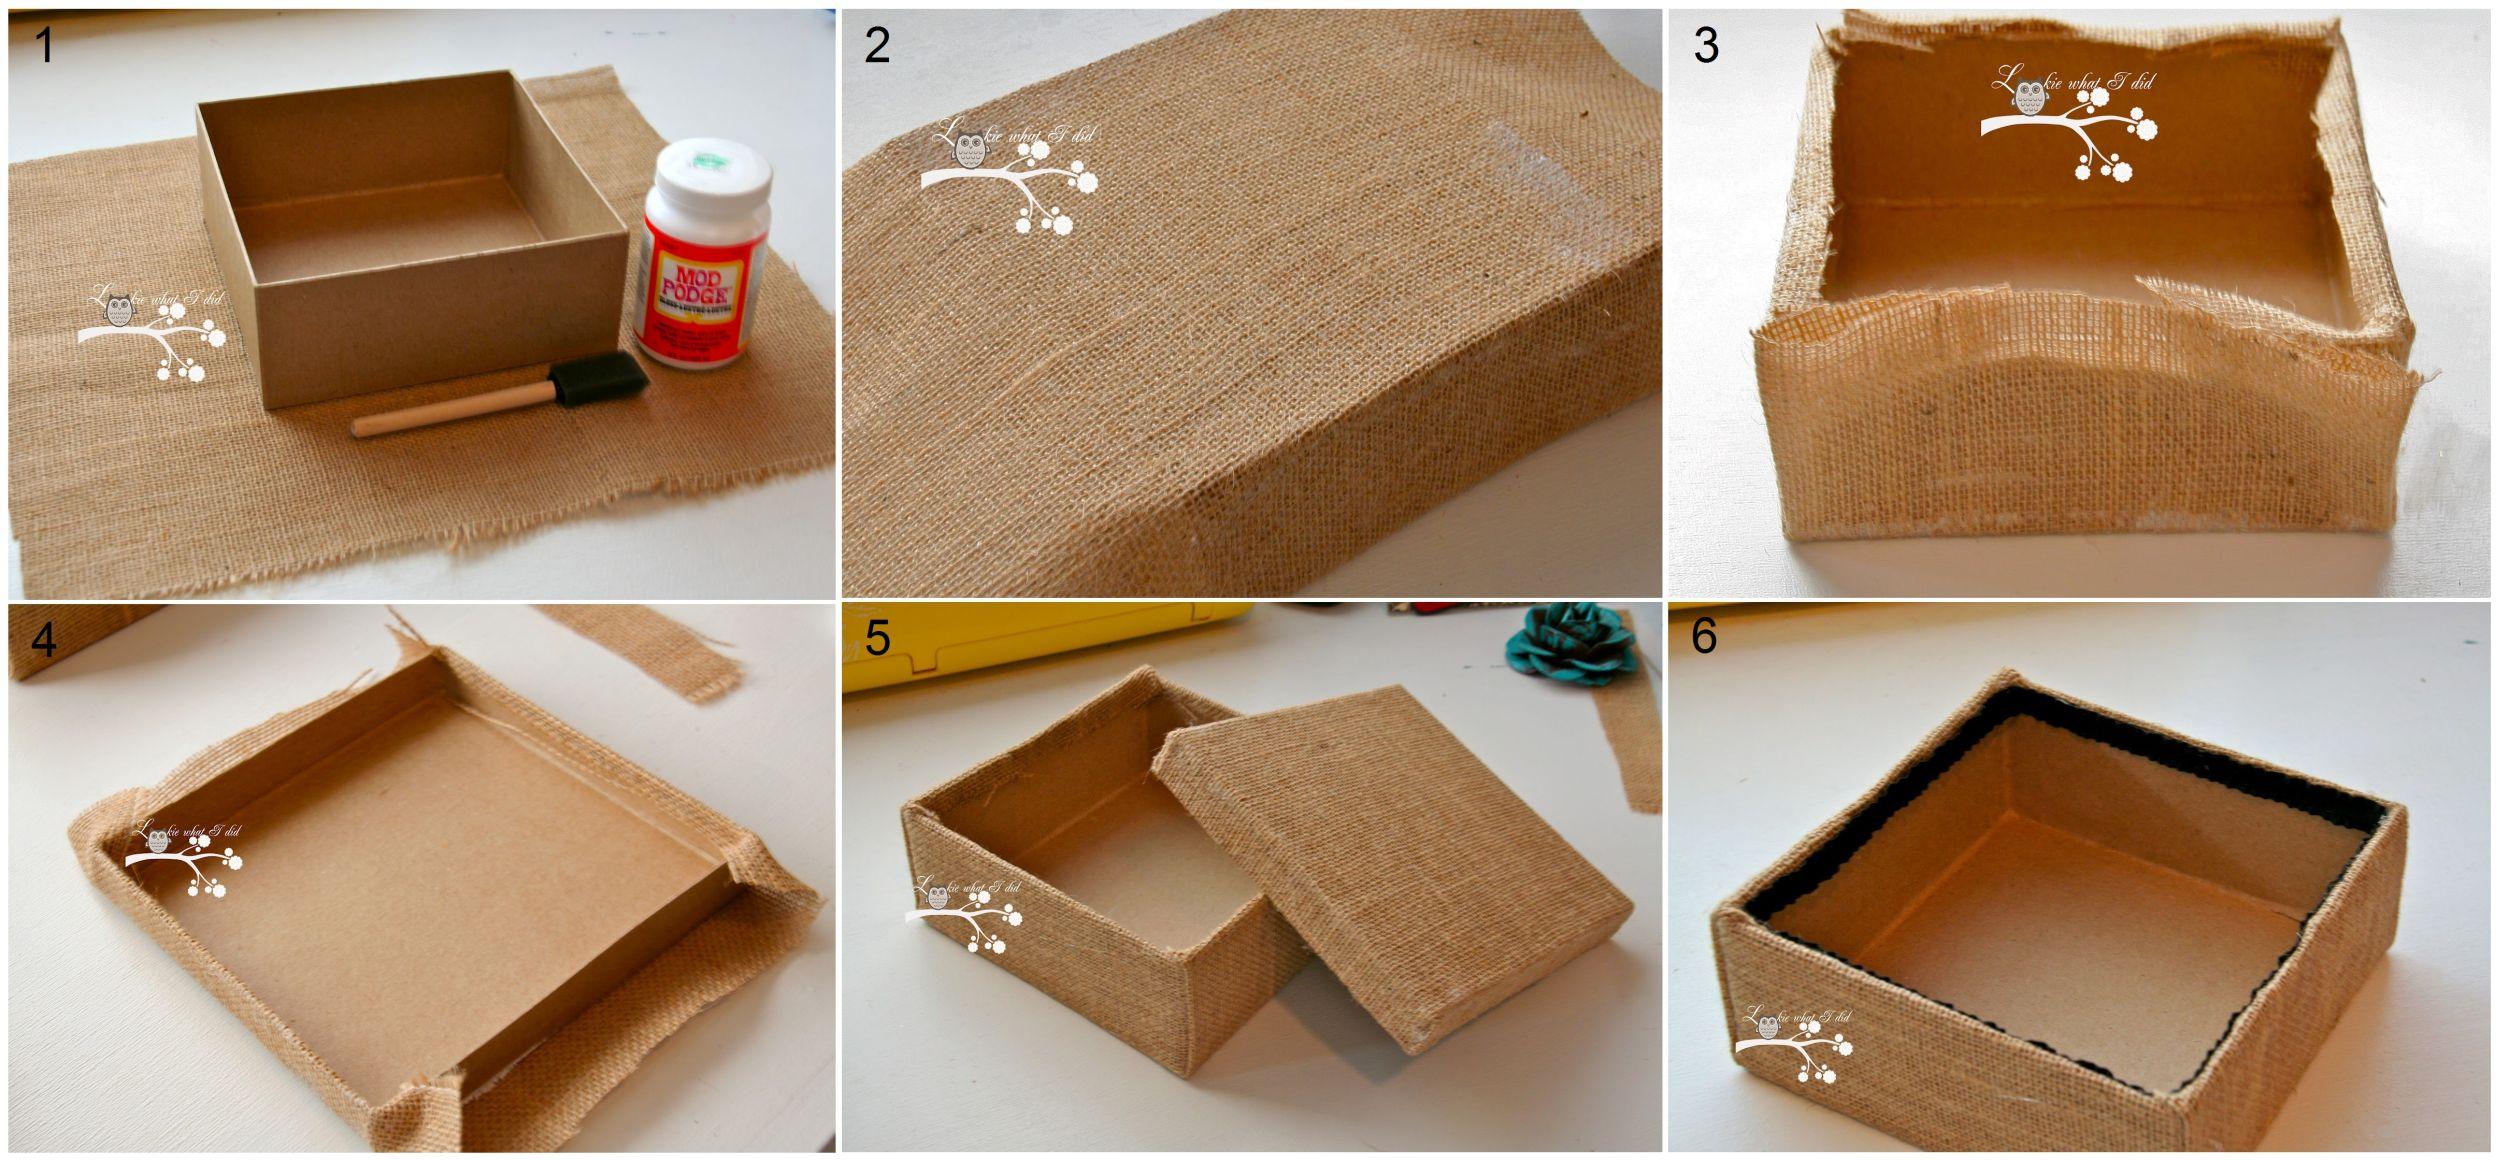 Оформление коробочек и шкатулок своими руками